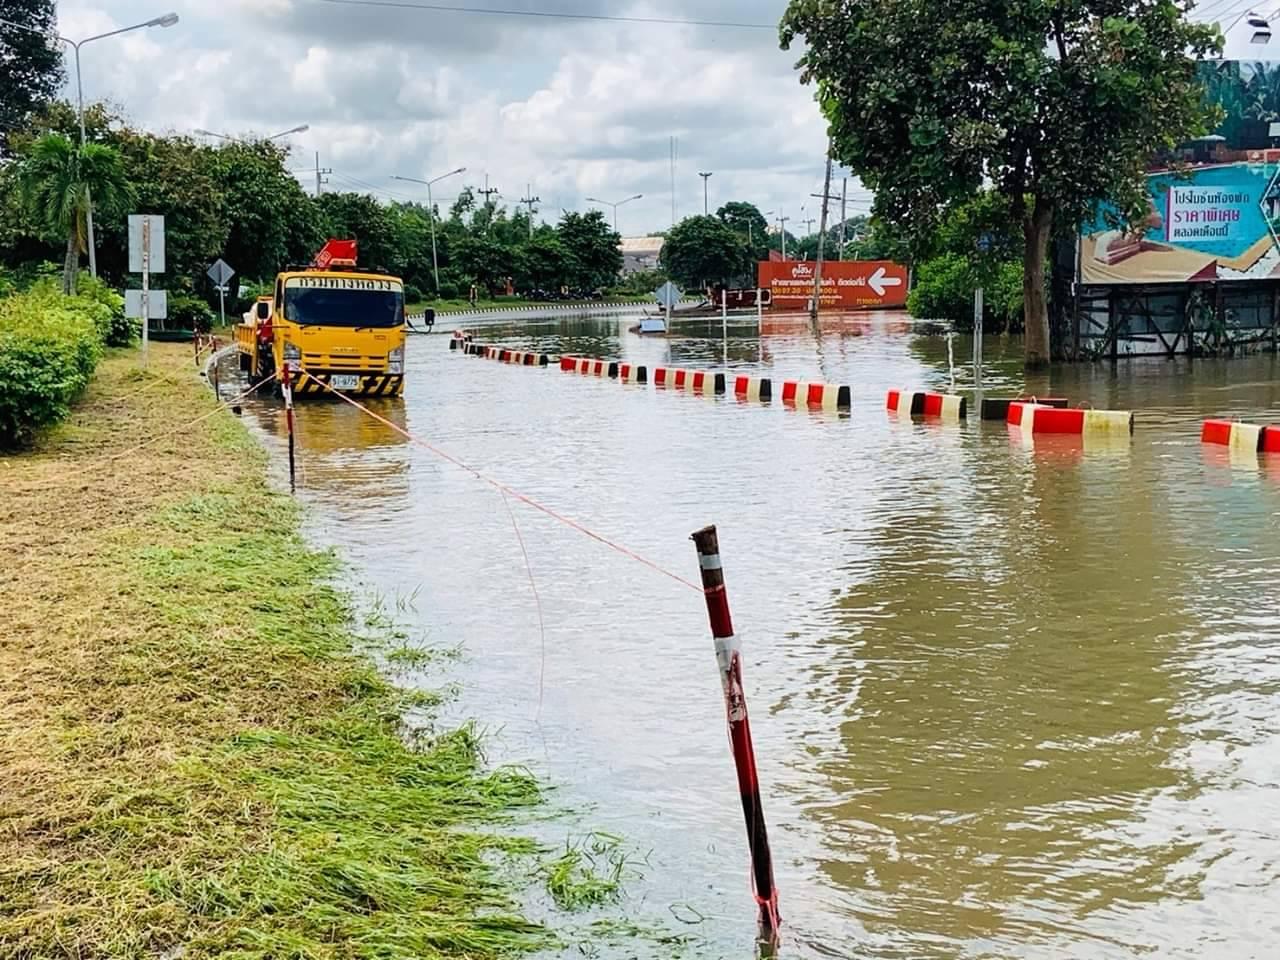 น้ำท่วมอุบลฯดีขึ้น กรมทางหลวงวางบิ๊กแบ็คบนถนนสาย 24 ให้รถเล็กสัญจรได้